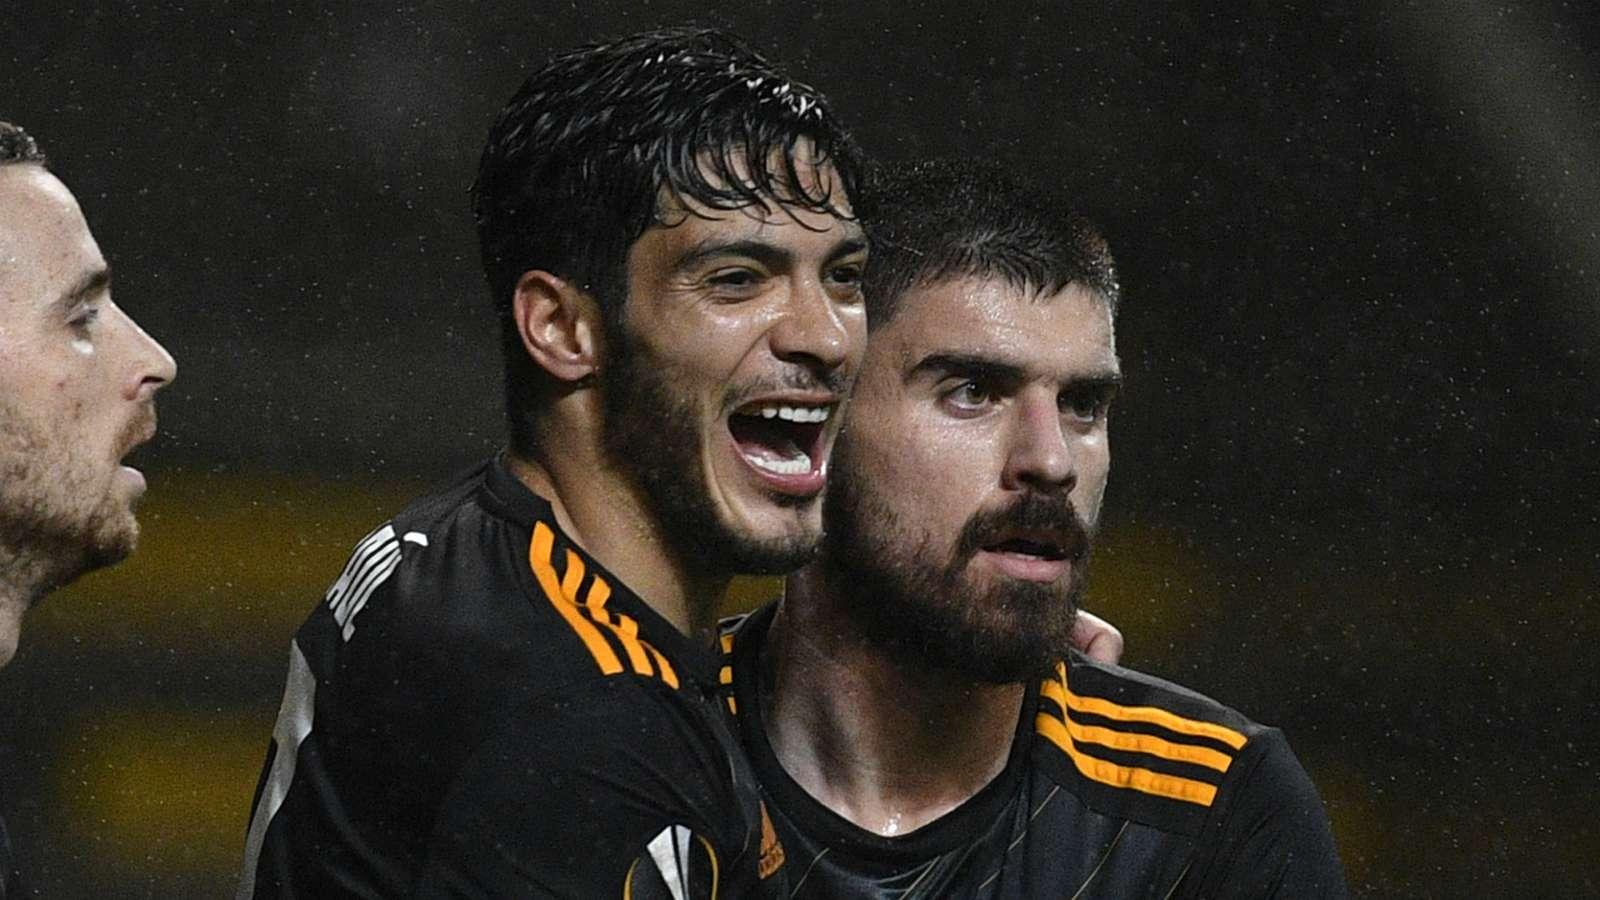 Goal:曼联有意1月引进狼队的希门尼斯和内维斯